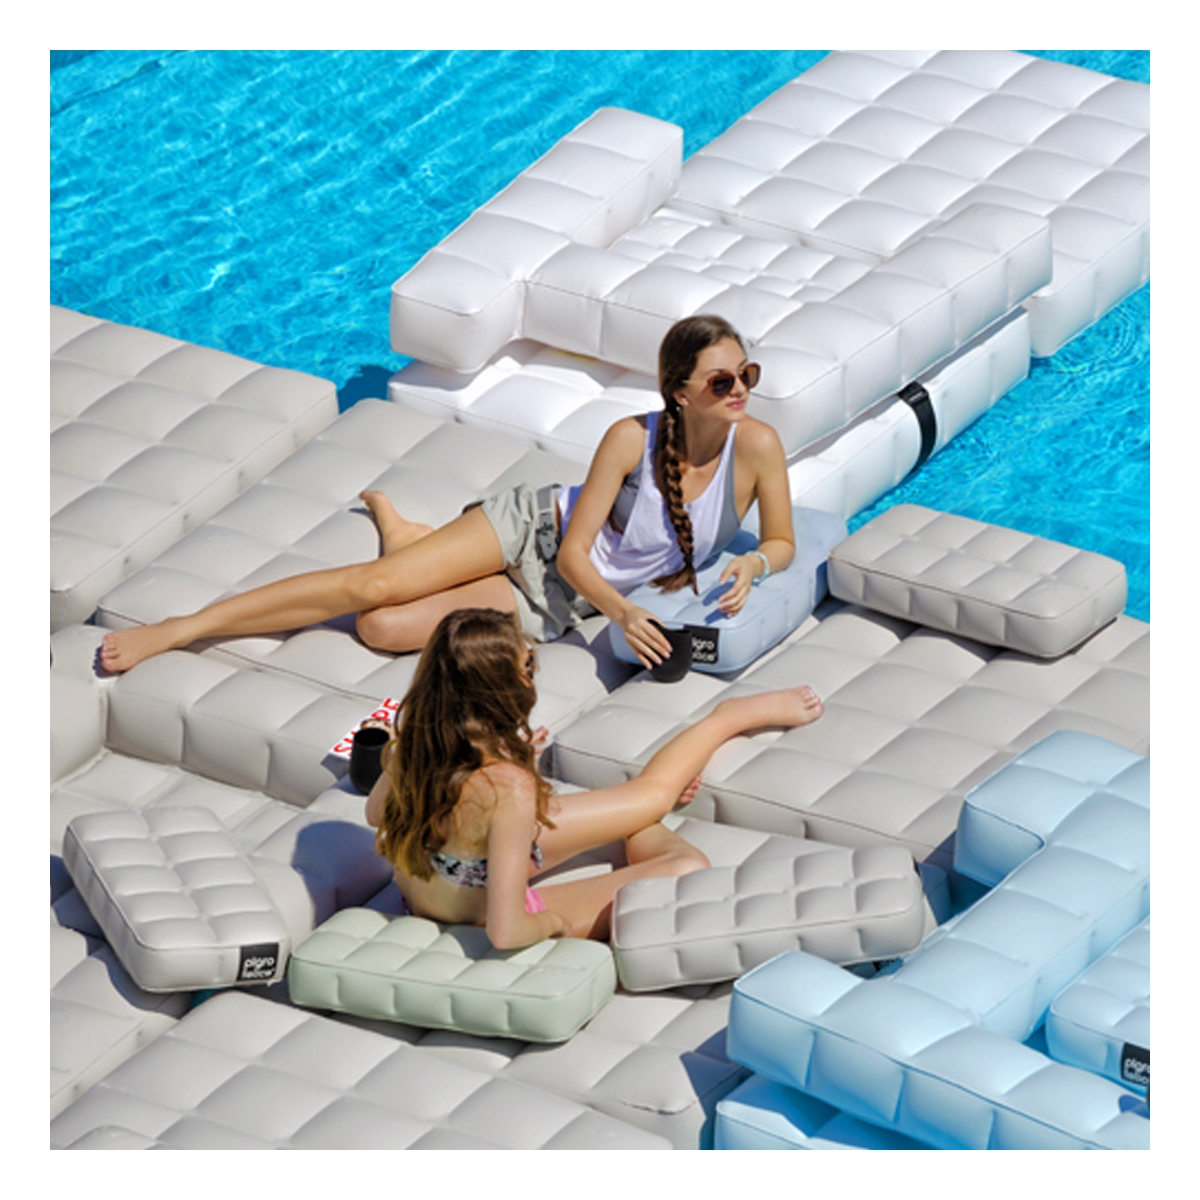 Jeux de piscine pour un t fun deco maison design for Mobilier de piscine design